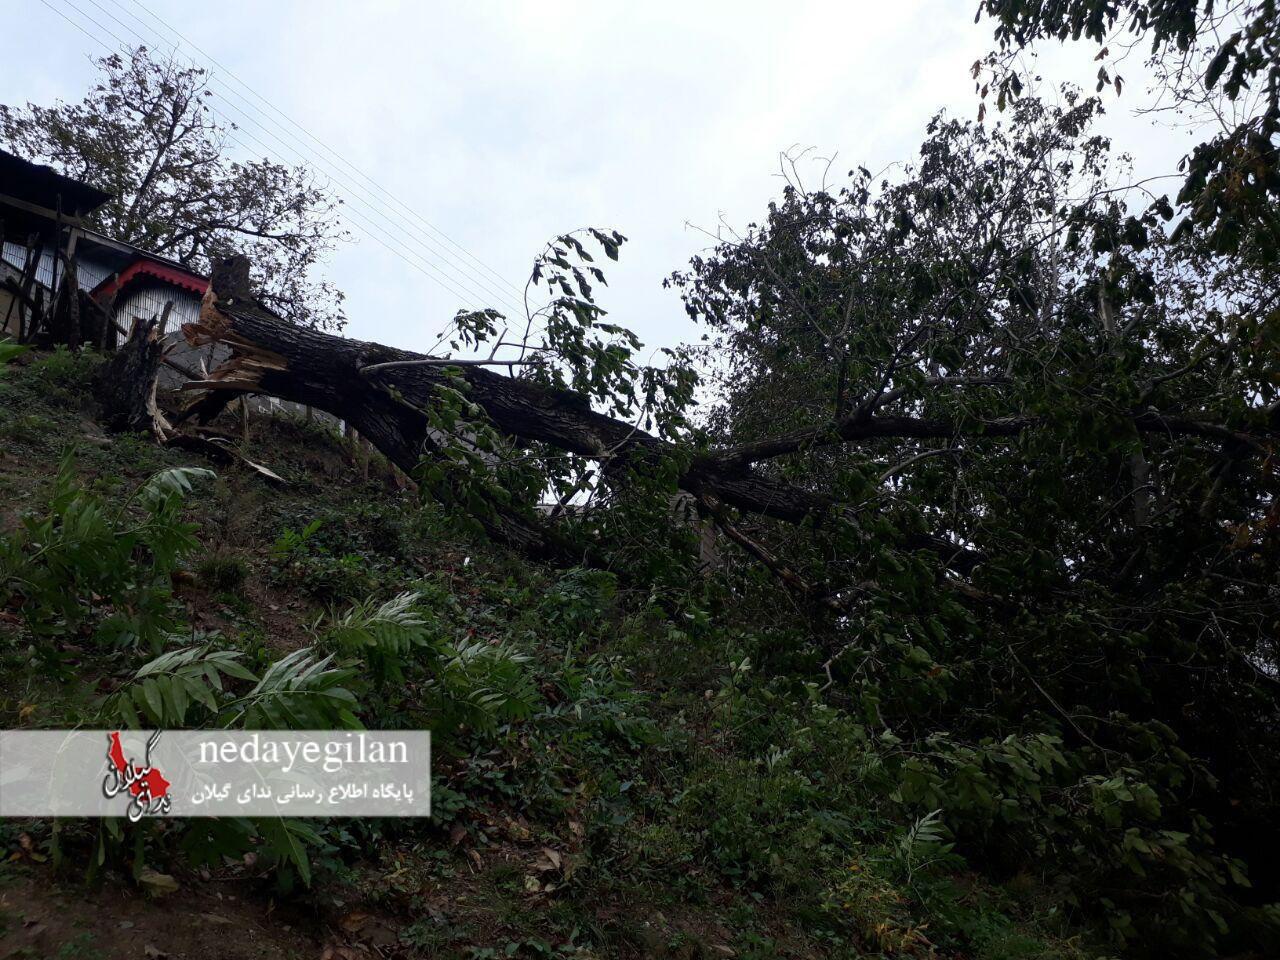 سقوط درخت 40 دام را در رضوانشهر تلف کرد+عکس